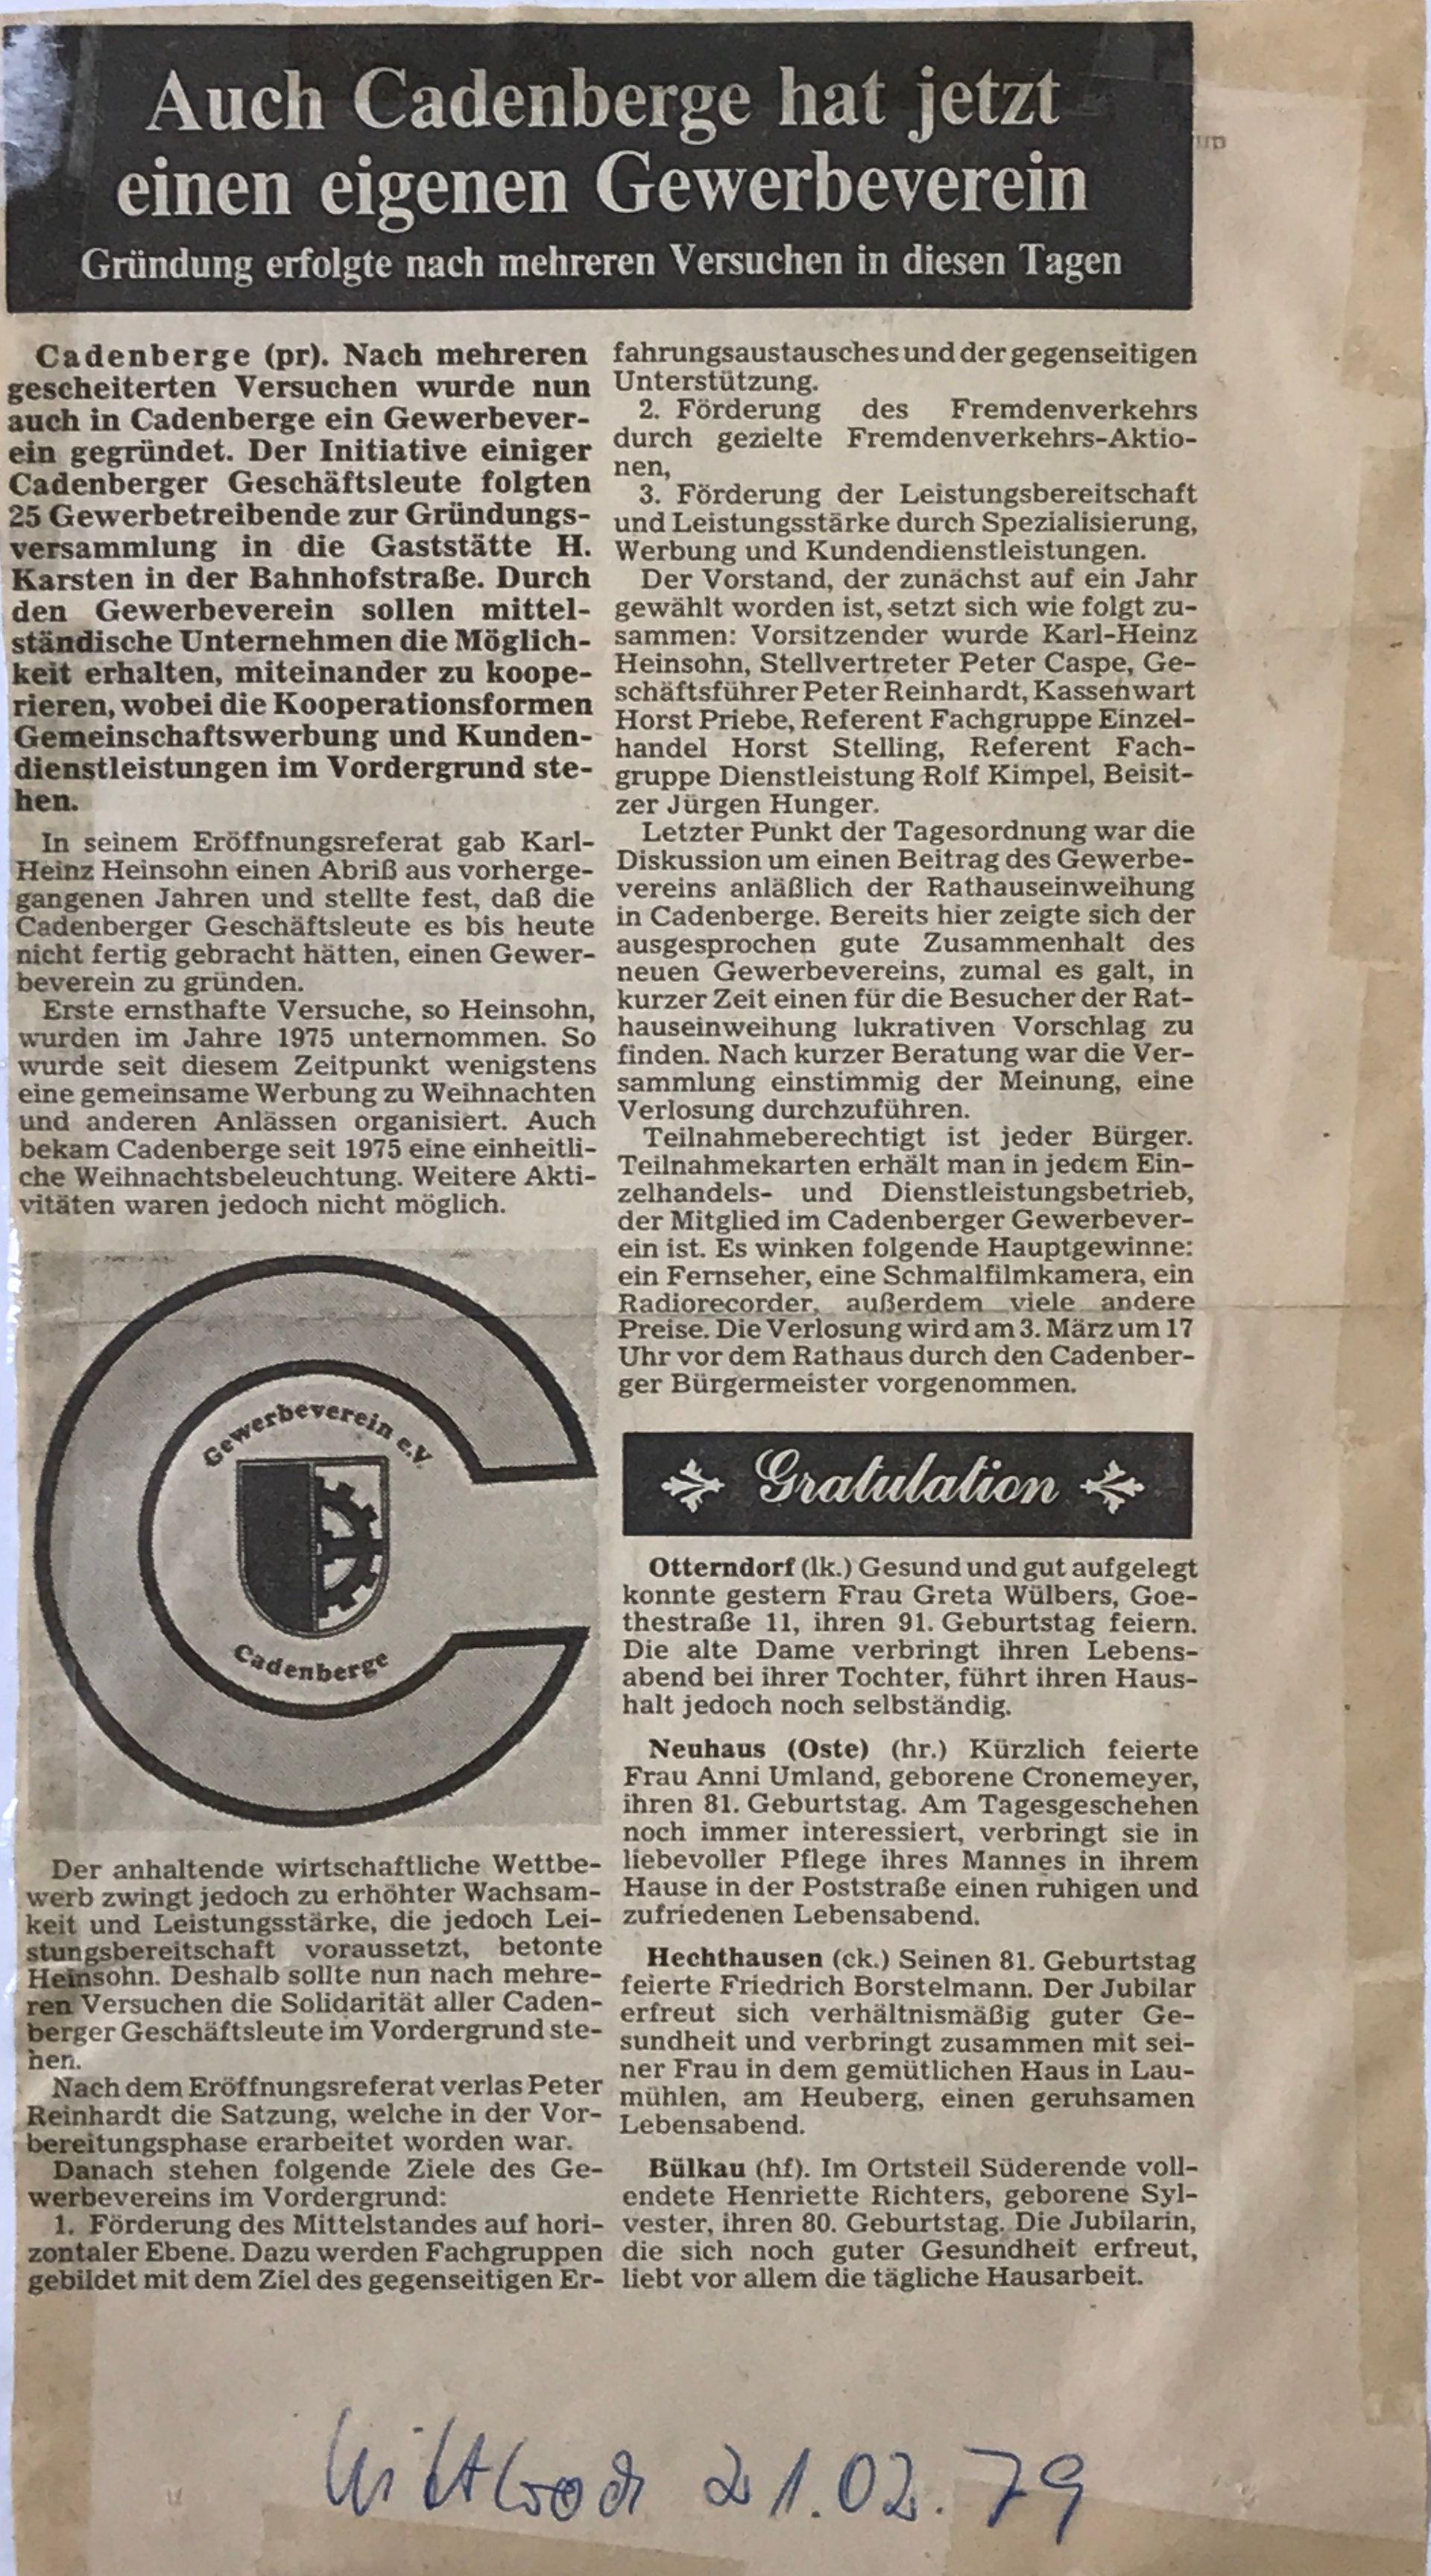 40 Jahre Gewerbeverein Cadenberge - 40 Jahre